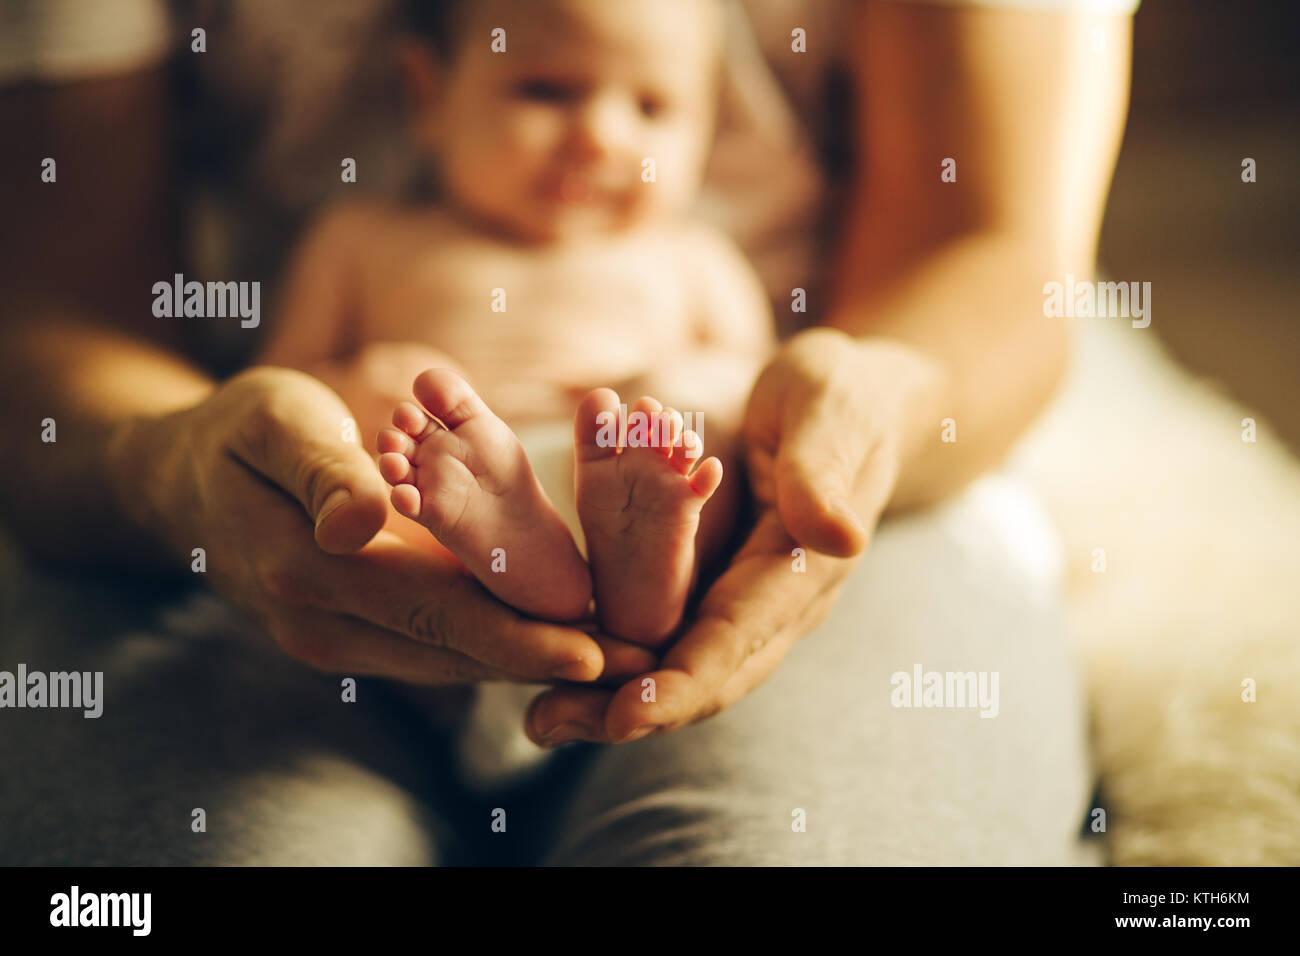 Los pies del bebé en manos de la madre. Los pies del bebé recién nacido en las manos Imagen De Stock